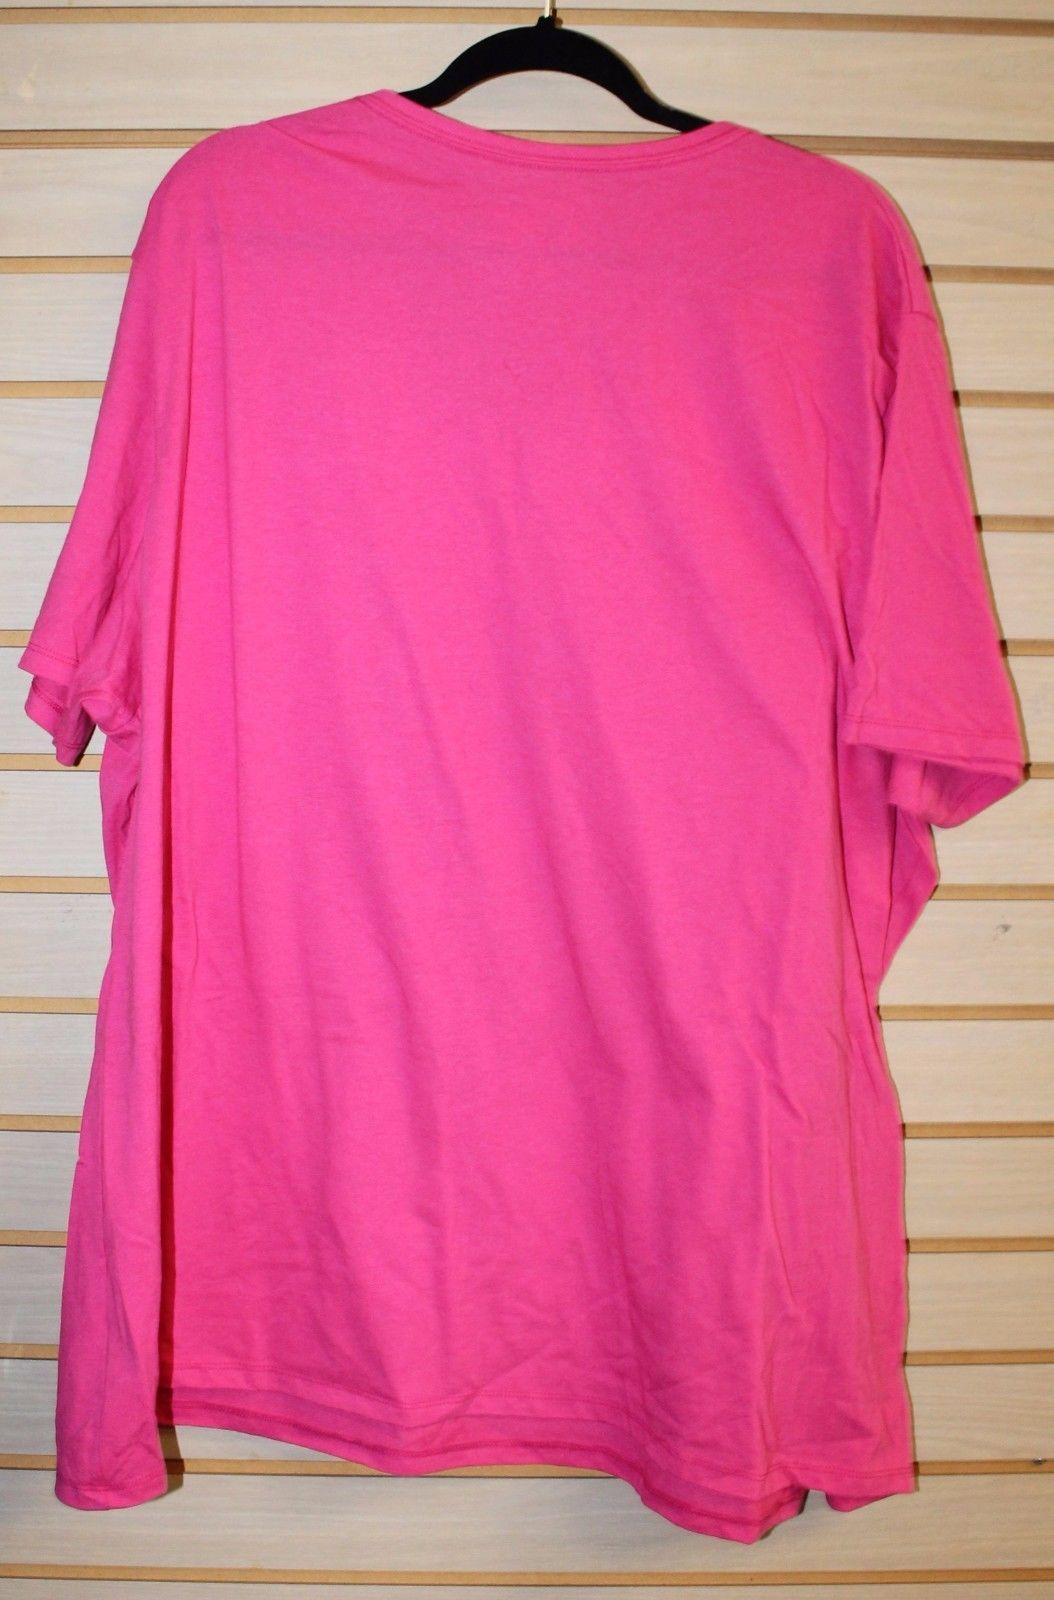 NEW WOMENS PLUS SIZE 4X 26W 28W BEAUTIFUL PINK LEOPARD TIGER VNECK TEE SHIRT TOP